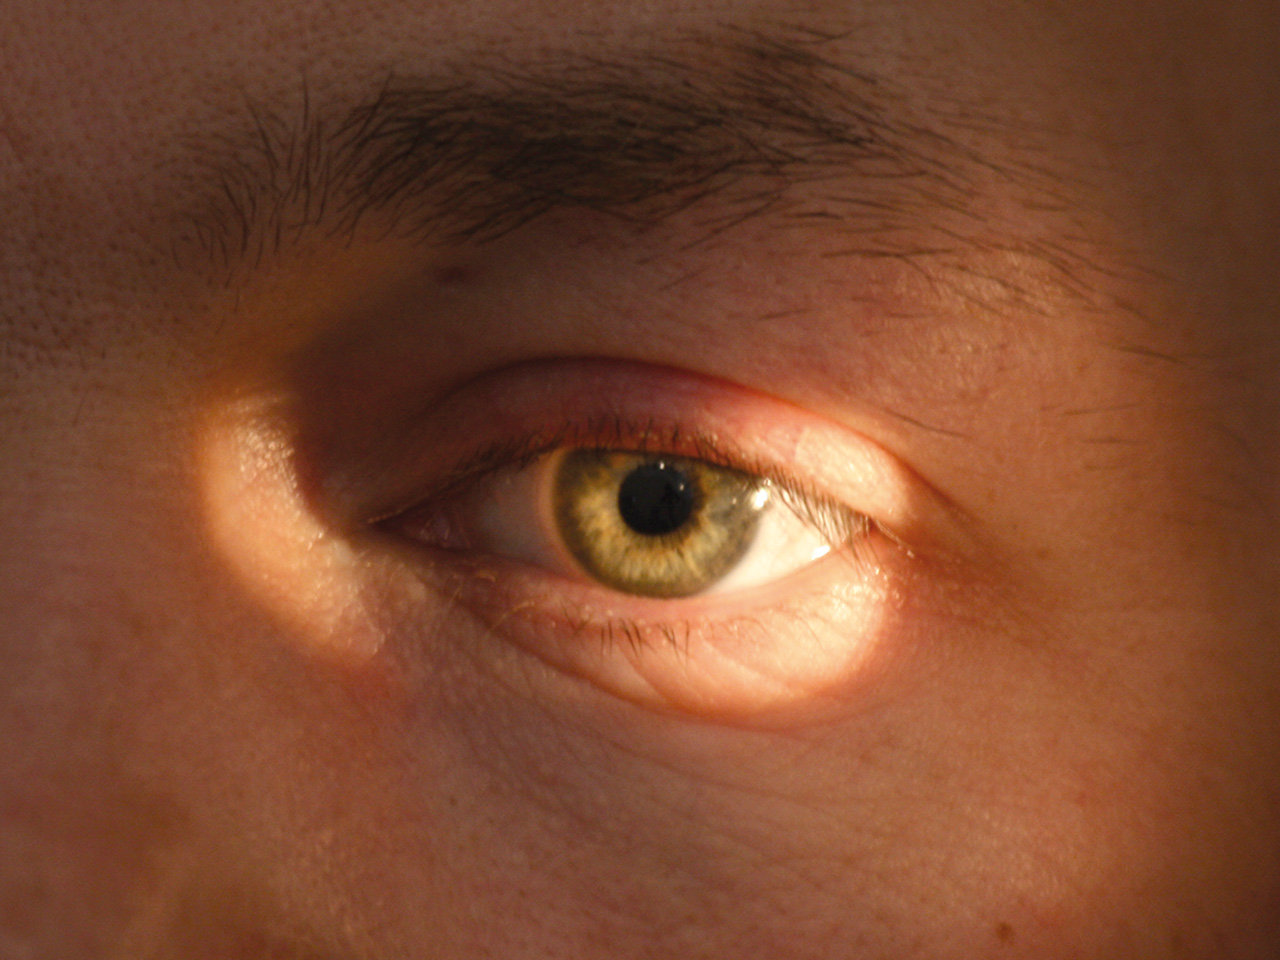 infeccion en el ojo por golpe